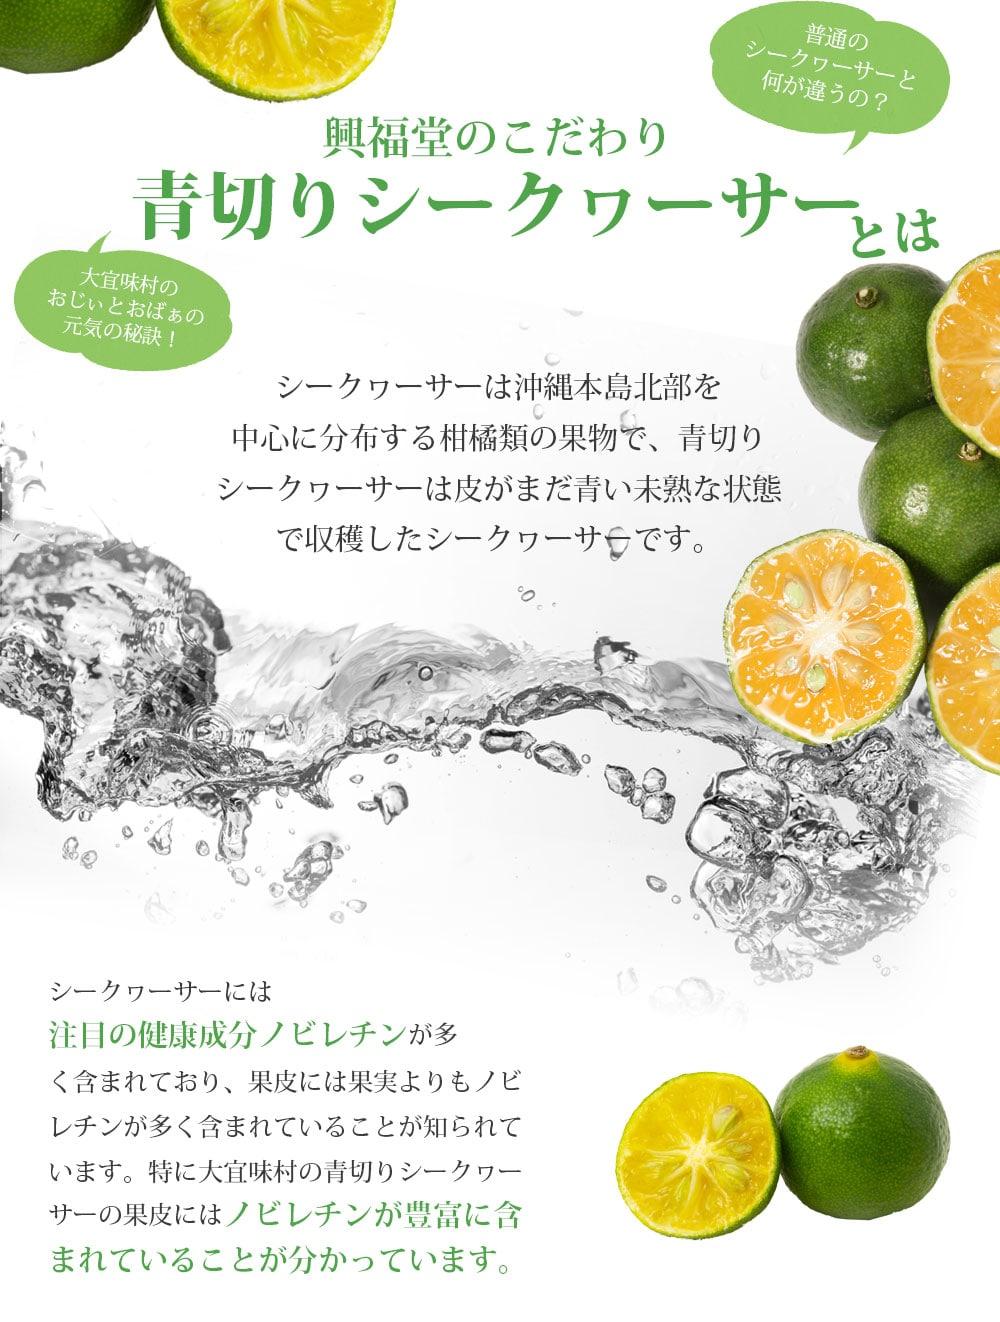 興福堂のこだわり、青切りシークワーサーとは?シークヮーサーは沖縄本島北部を中心に分布する柑橘類の果物で、青切りシークヮーサーは皮がまだ青い未熟な状態で収穫したシークヮーサーです。シークヮーサーには注目の健康成分ノビレチンが多く含まれており、果皮には果実よりもノビレチンが多く含まれていることが知られています。特に大宜味村の青切りシークヮーサーの果皮にはノビレチンが豊富に含まれていることが分かっています。